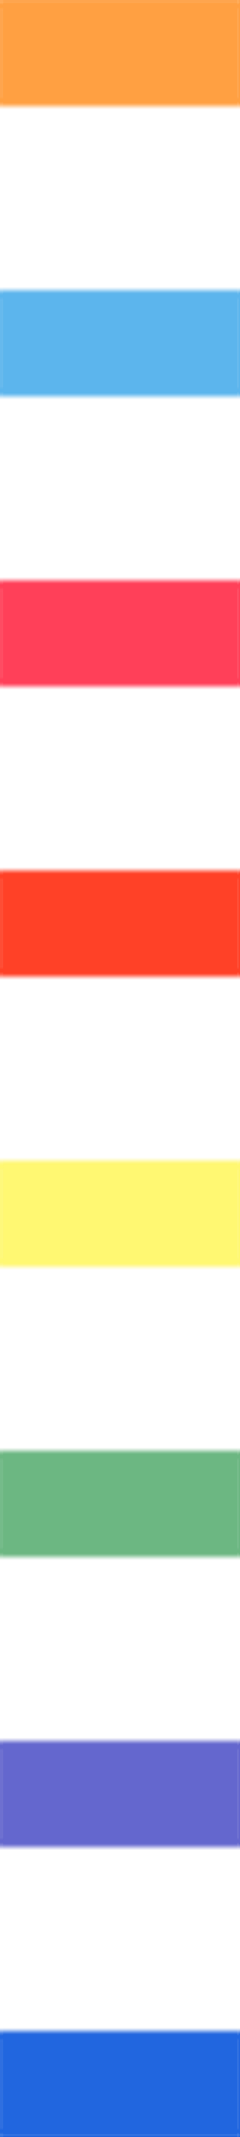 freetoedit squares colors palette colorblocks